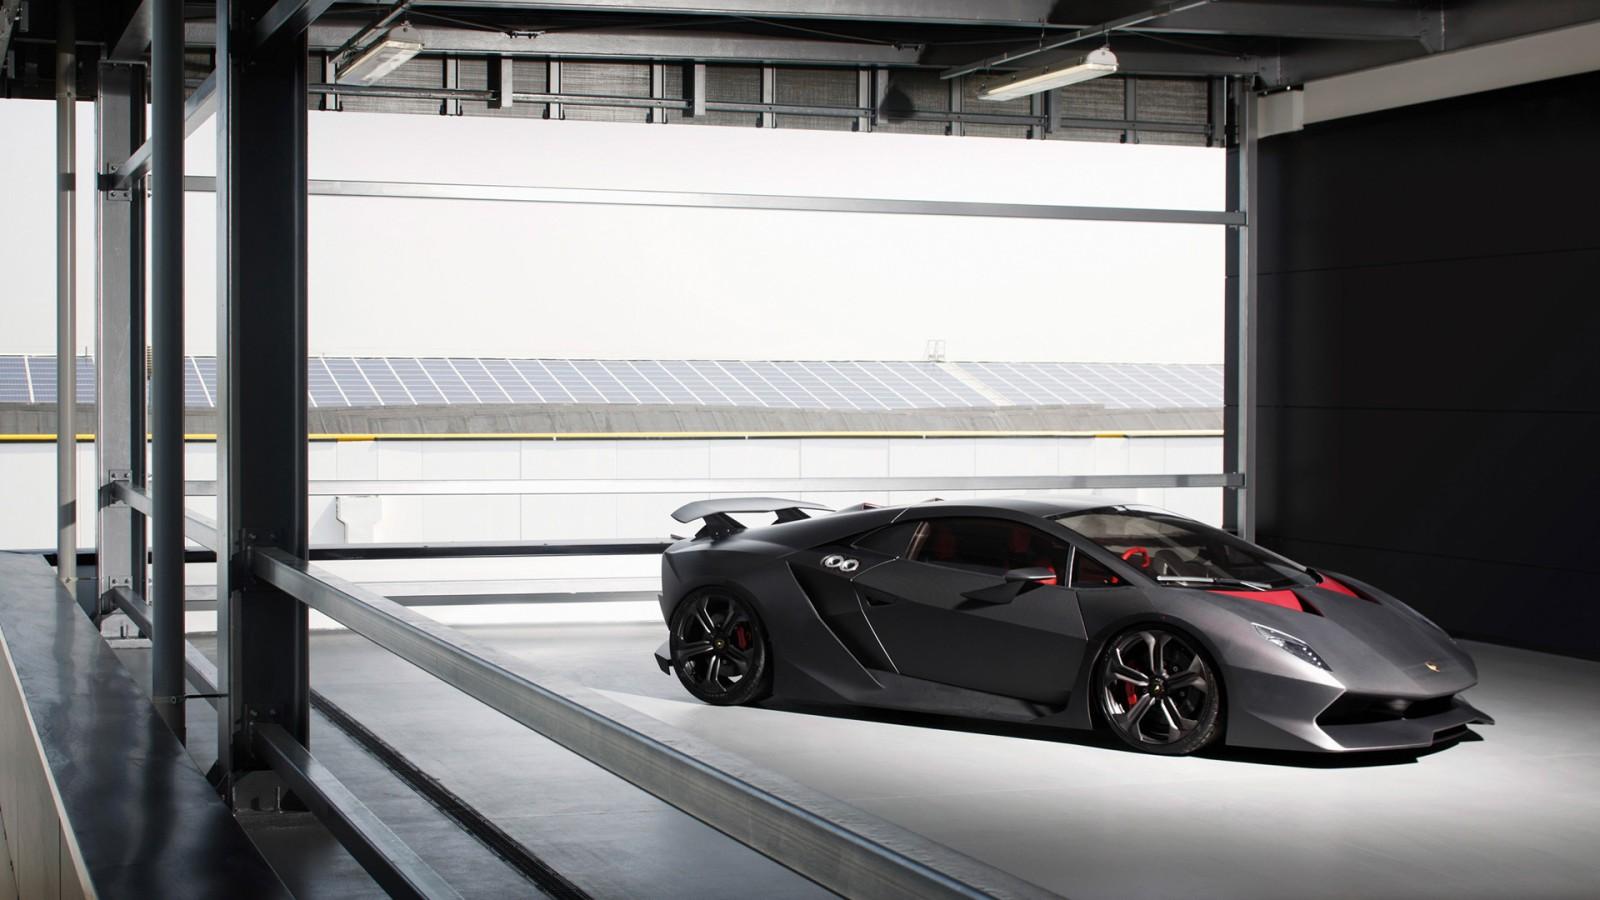 Lamborghini Sesto Elemento Concept 2 Wallpaper | HD Car ...